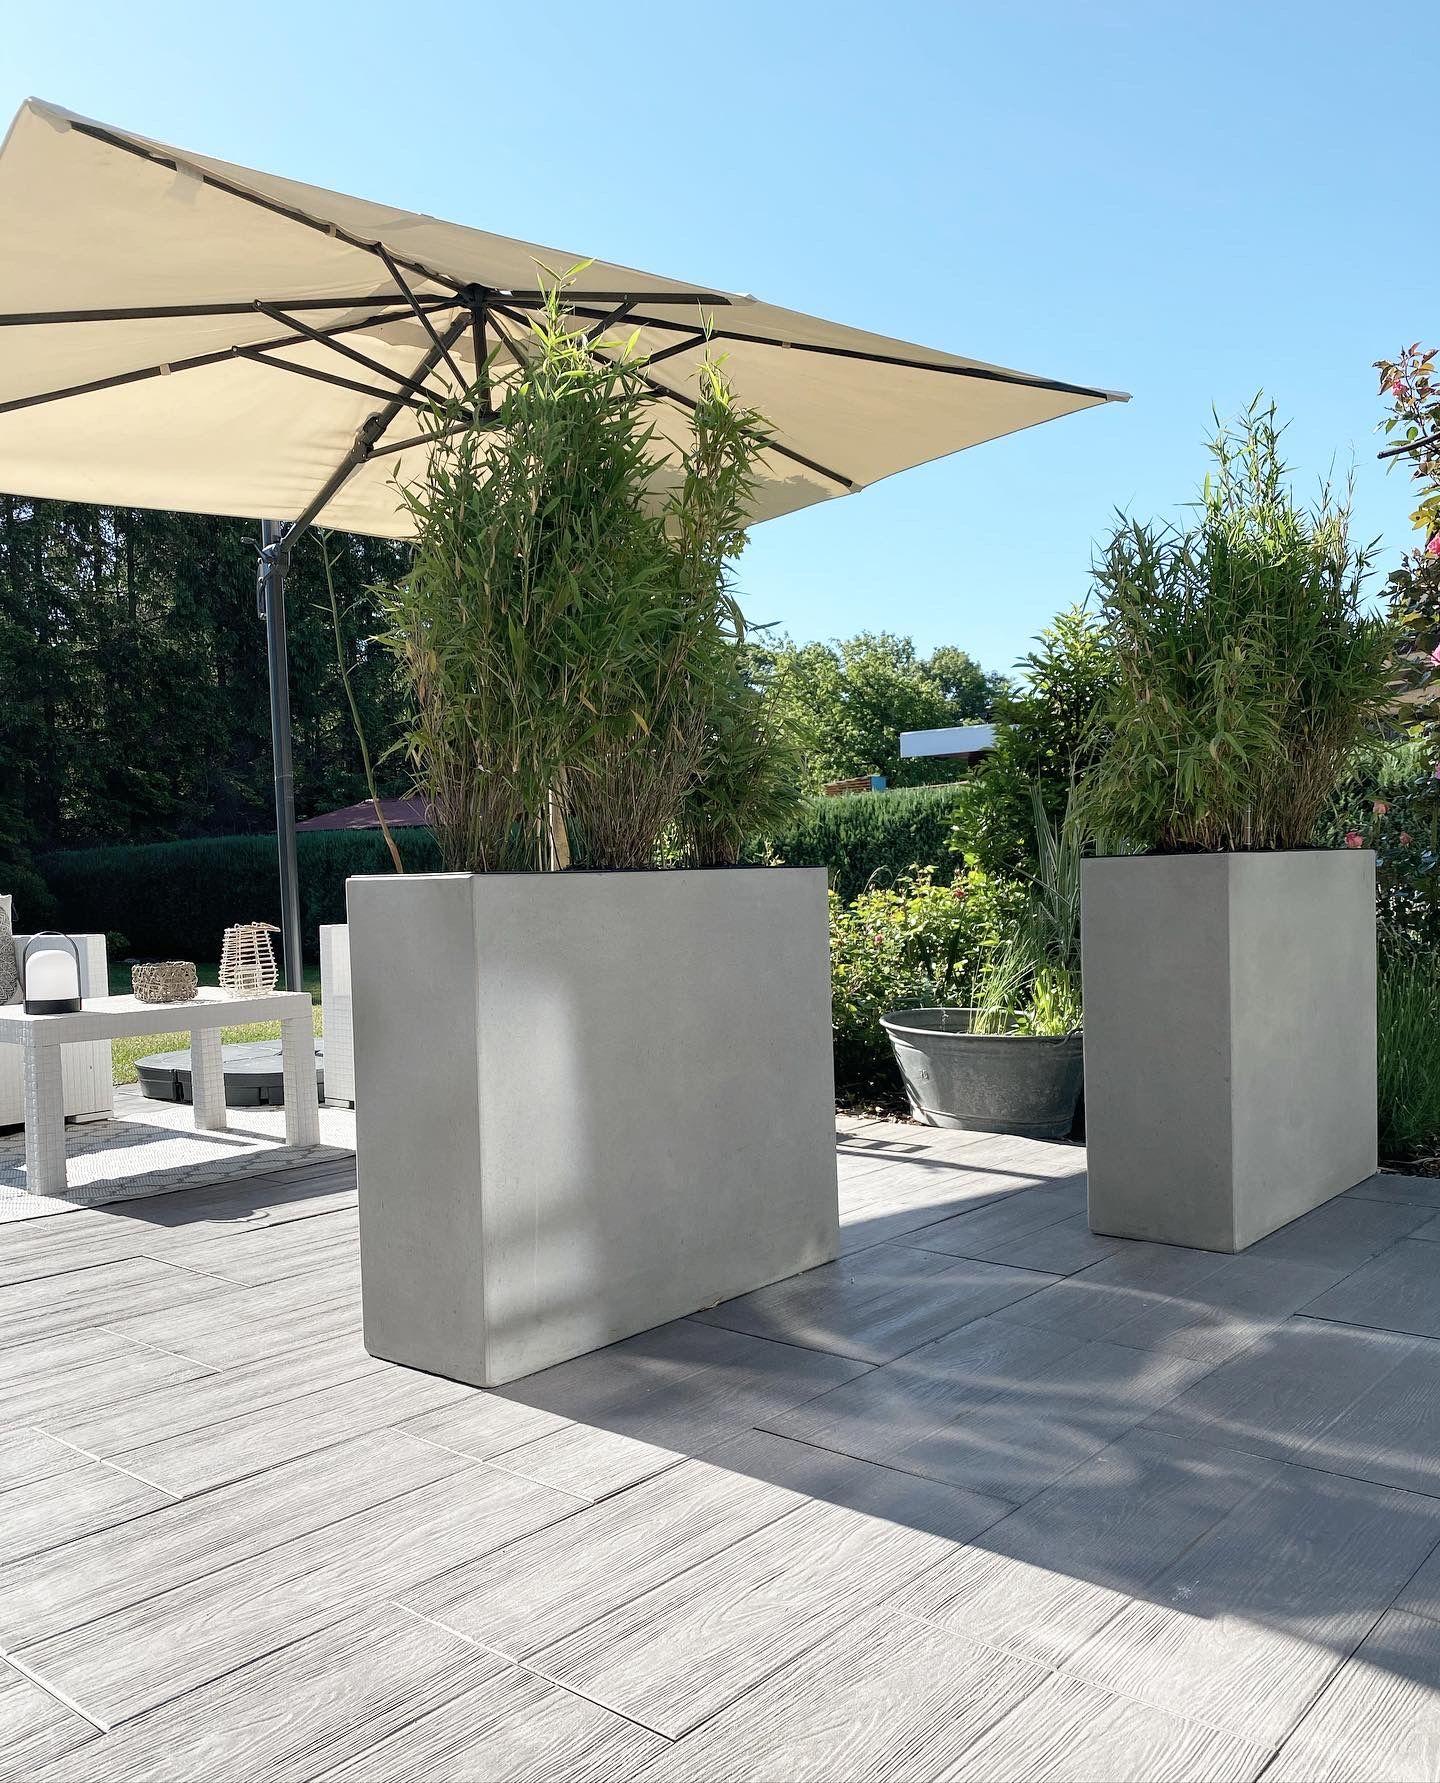 4er Set Pflanzkubel Raumteiler Beton Elemento Natur Pflanzen Pflanzkubel Gartengestaltung Ideen